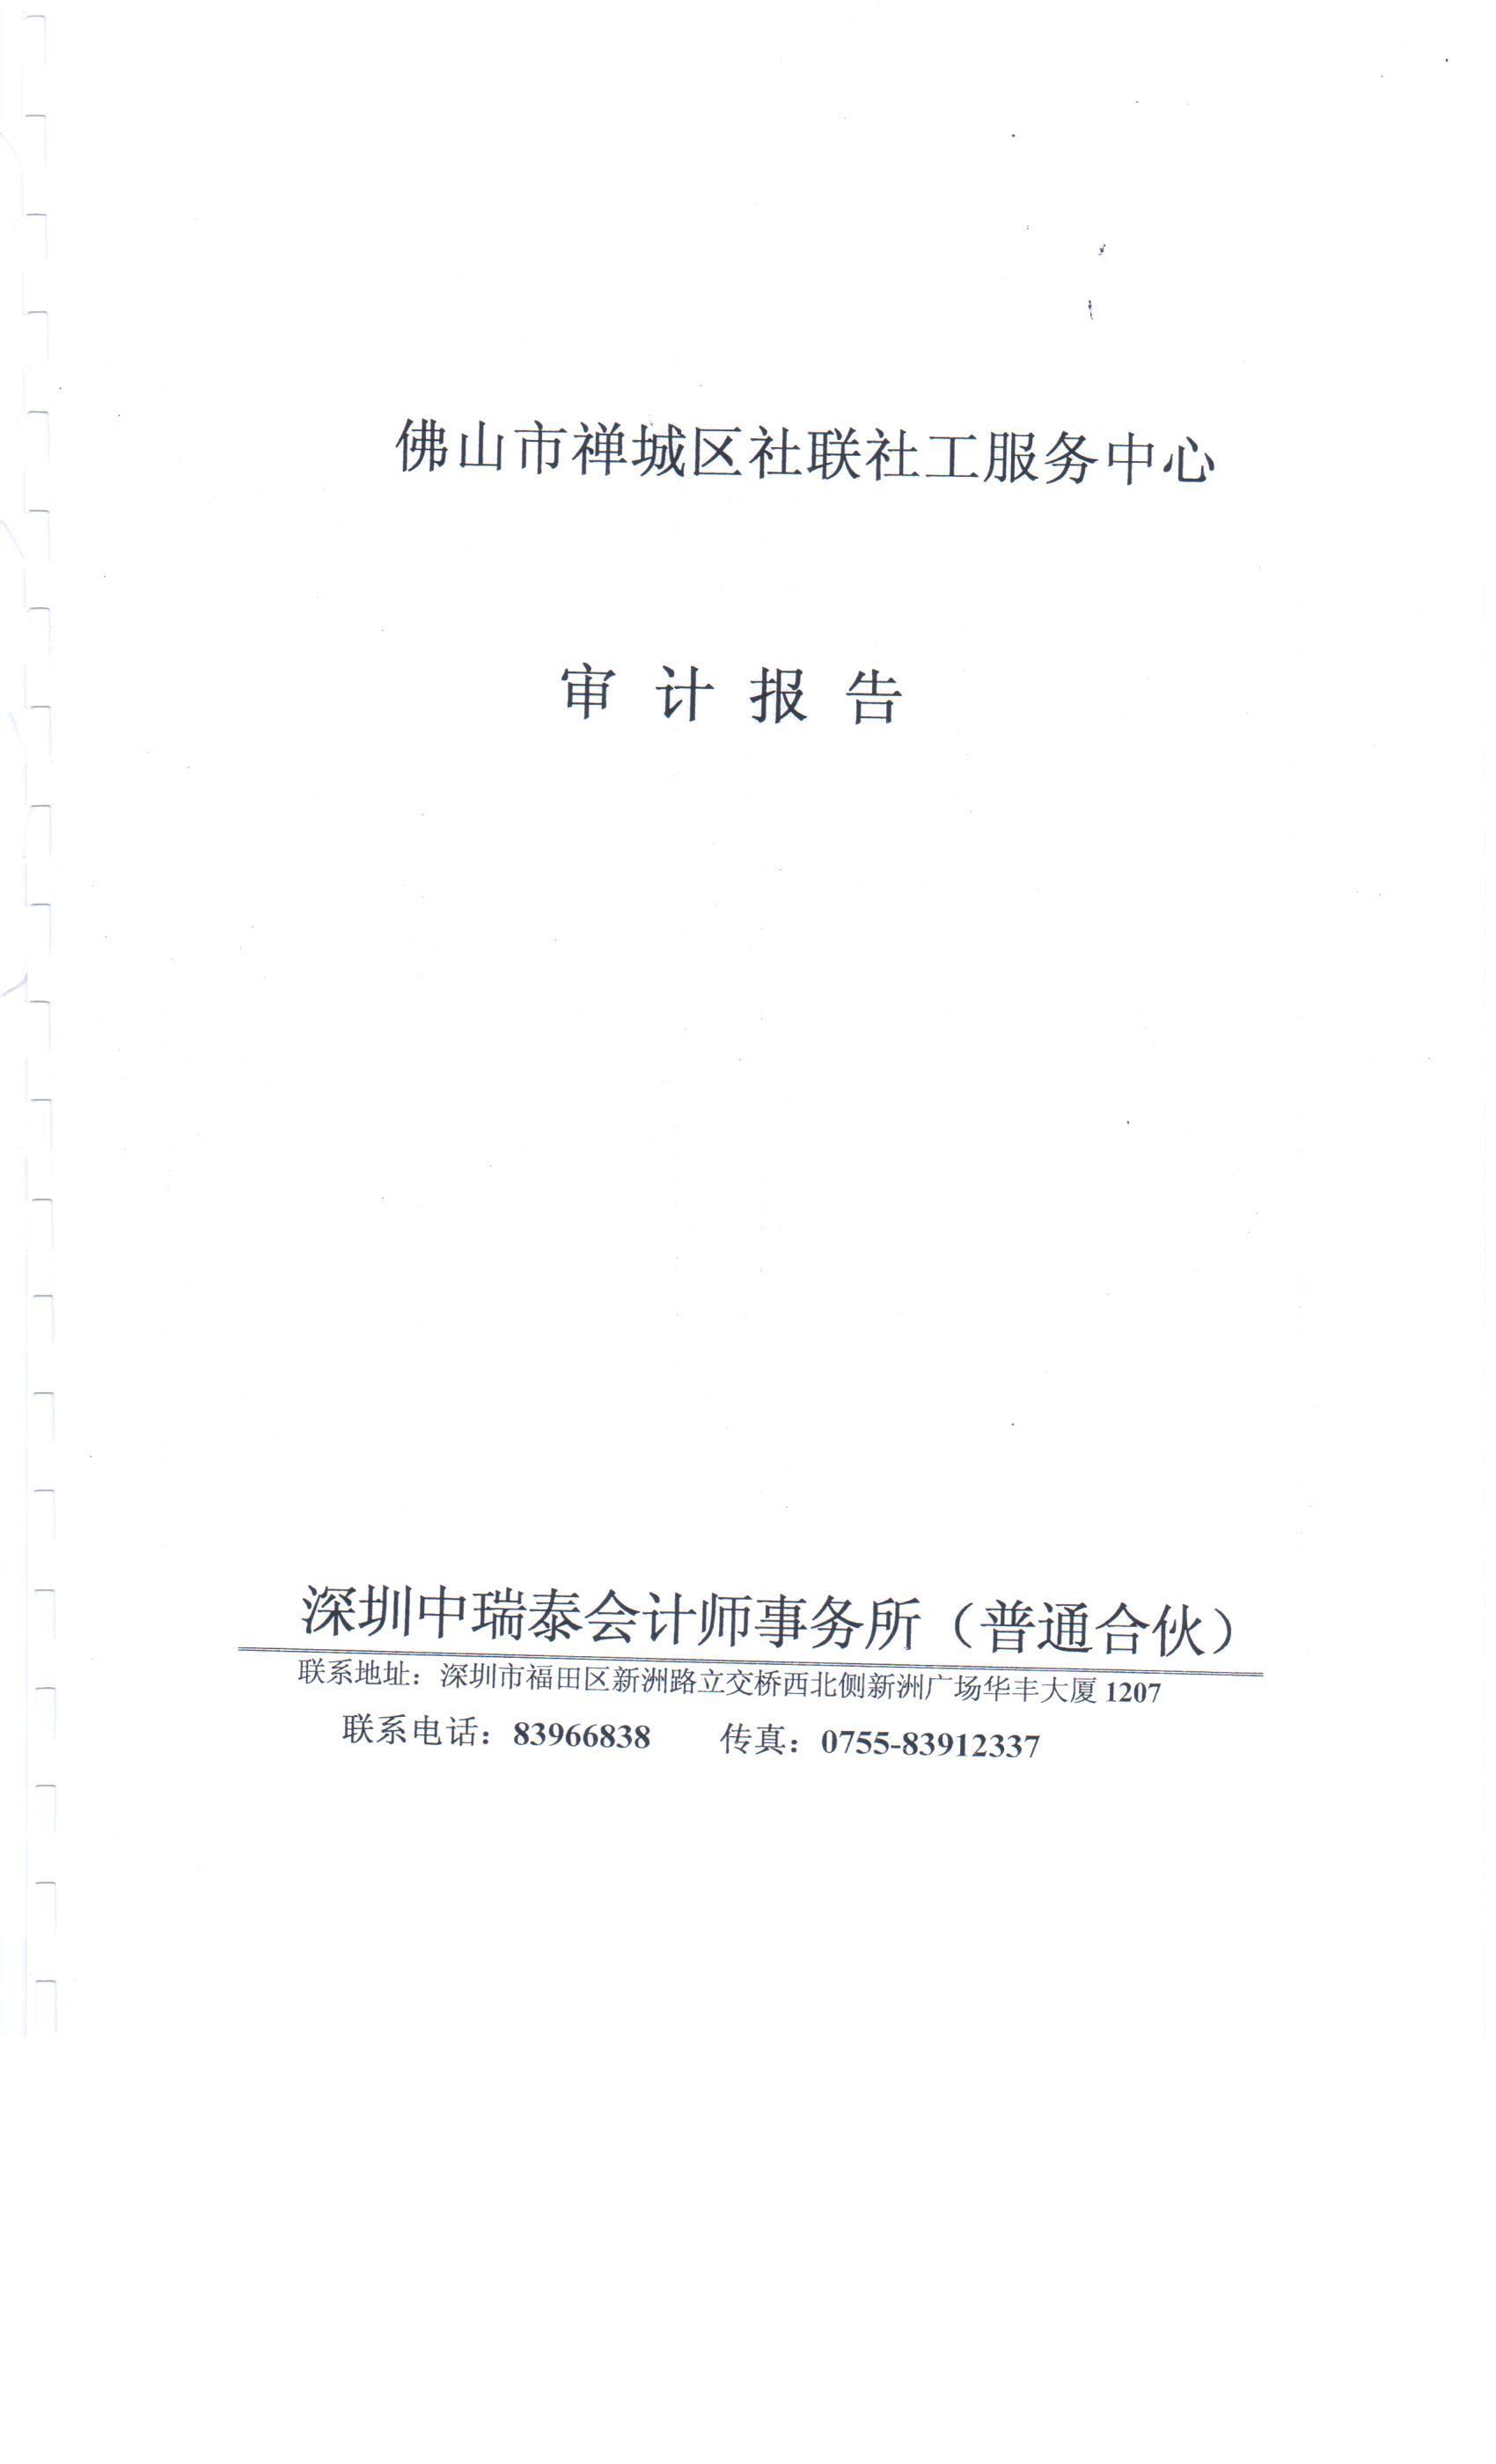 2013年财务审计报告